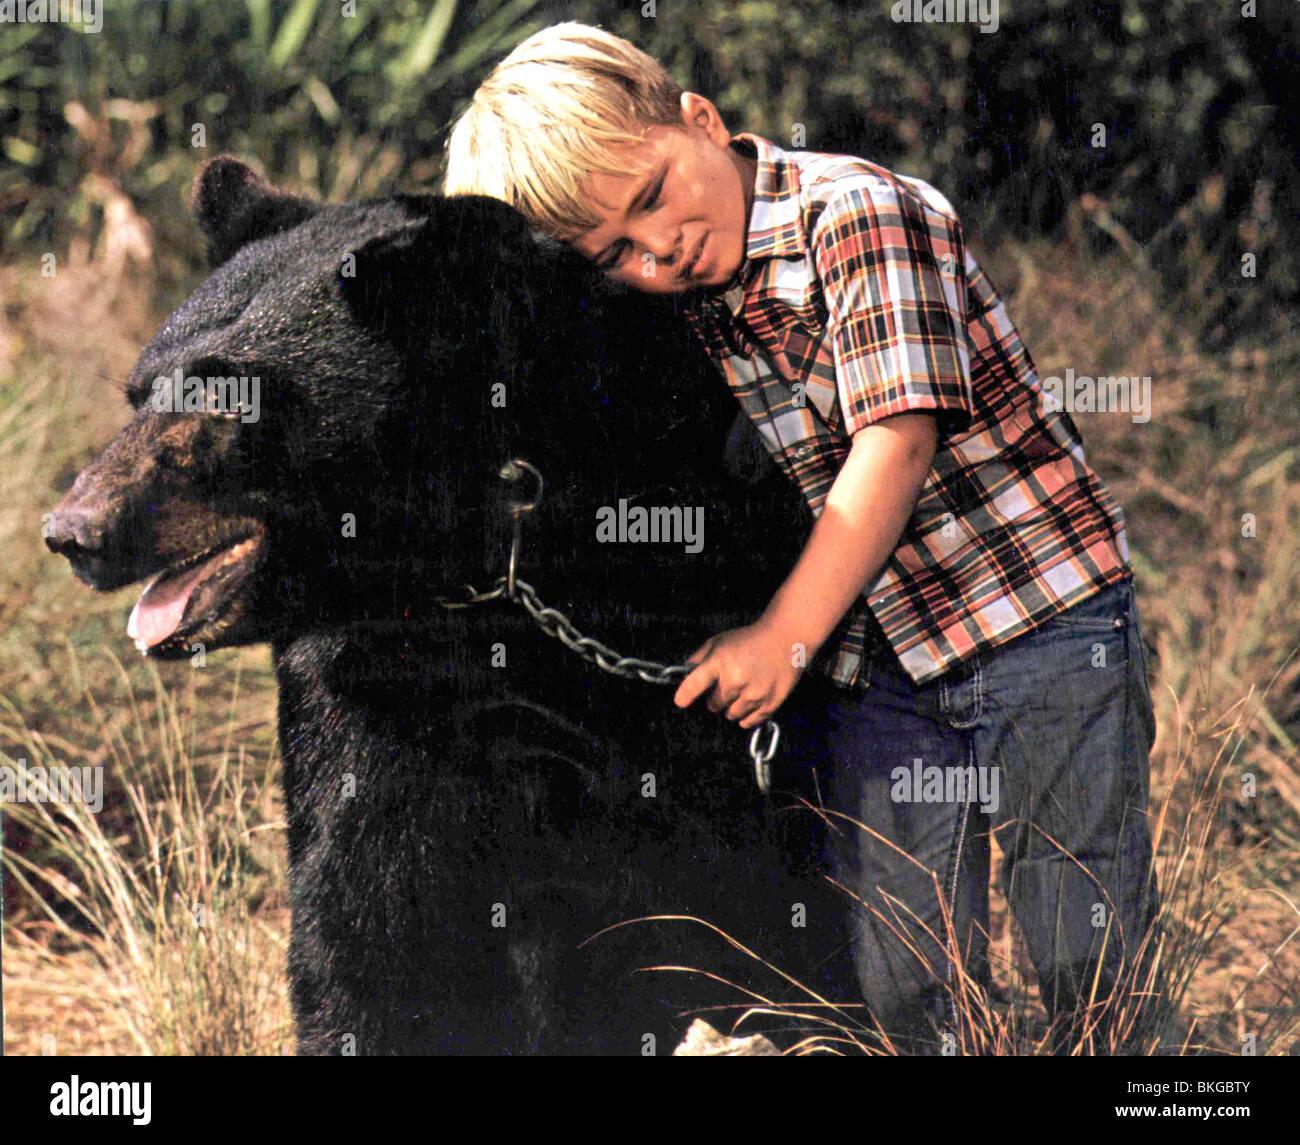 GENTLE BEN (TV) CLINT HOWARD - Stock Image